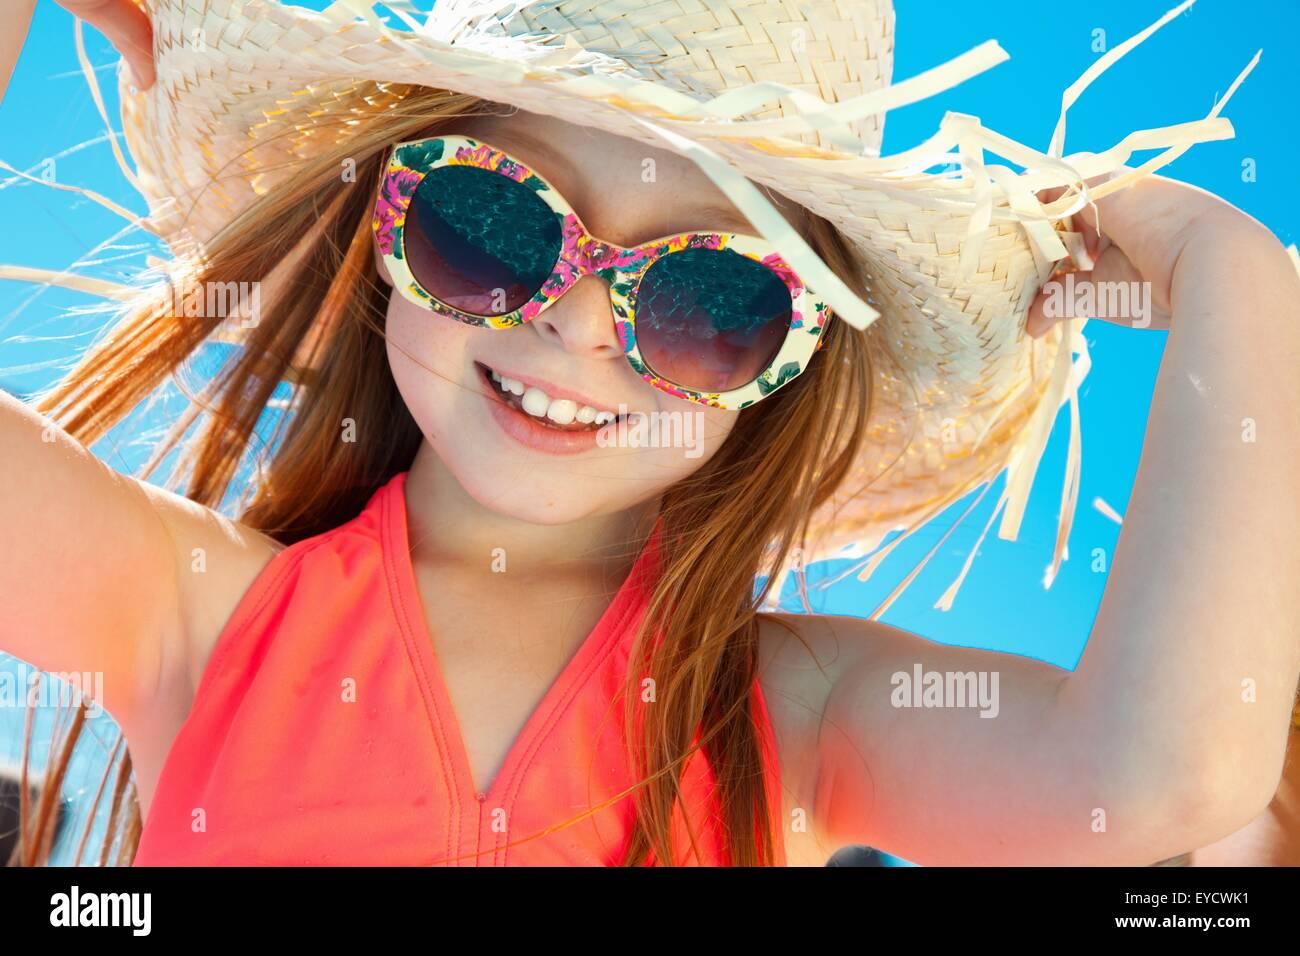 Jeune fille portant des lunettes de soleil et chapeau de paille Photo Stock